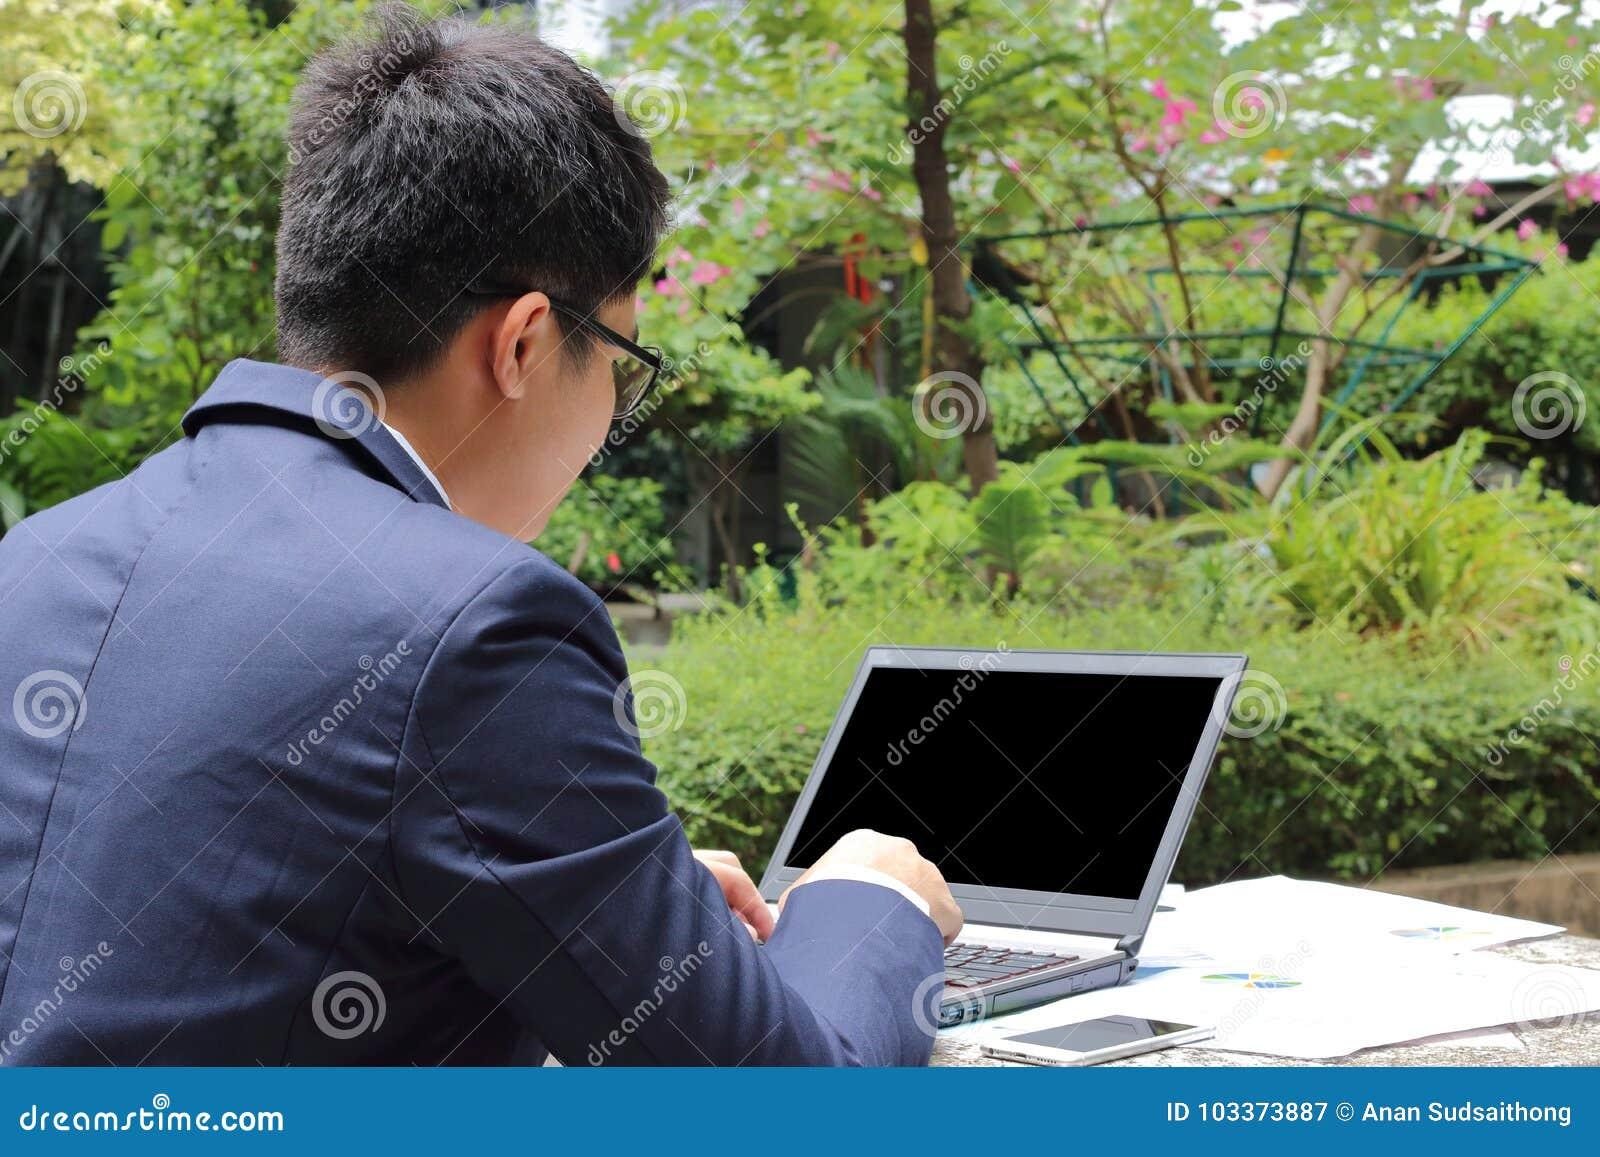 Κλείστε επάνω οπισθοσκόπο του όμορφου νέου επιχειρησιακού ατόμου εργάζεται με το υπόβαθρο φύσης lap-top δημόσια